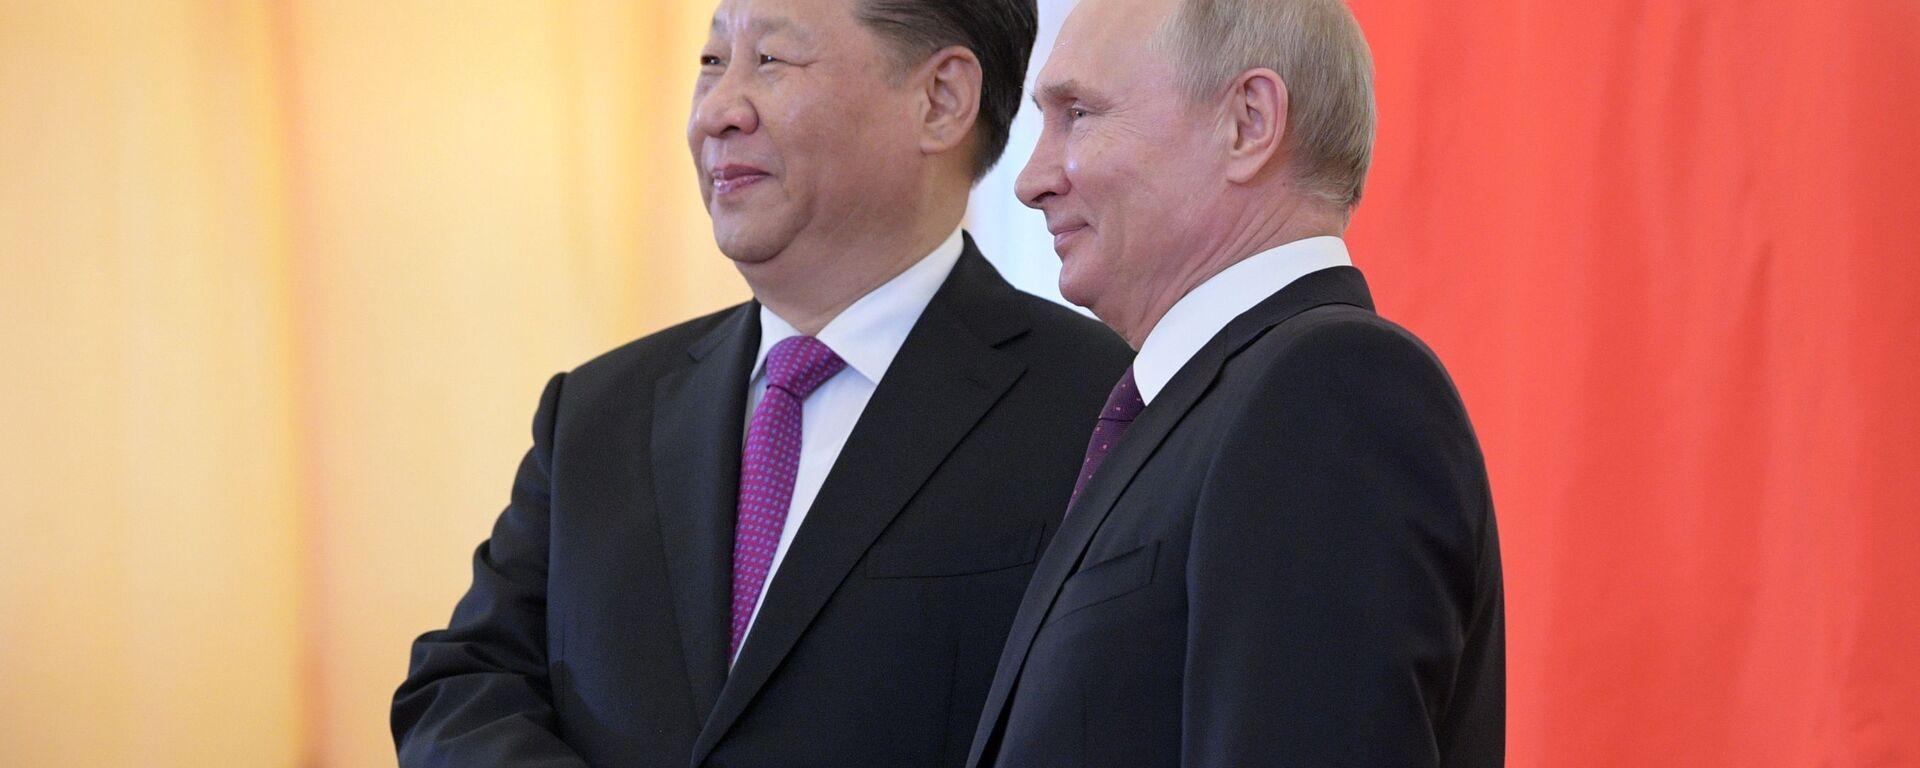 Мероприятия с участием президента РФ В. Путина в рамках государственного визита в РФ председателя КНР Си Цзиньпина - Sputnik Таджикистан, 1920, 23.06.2021